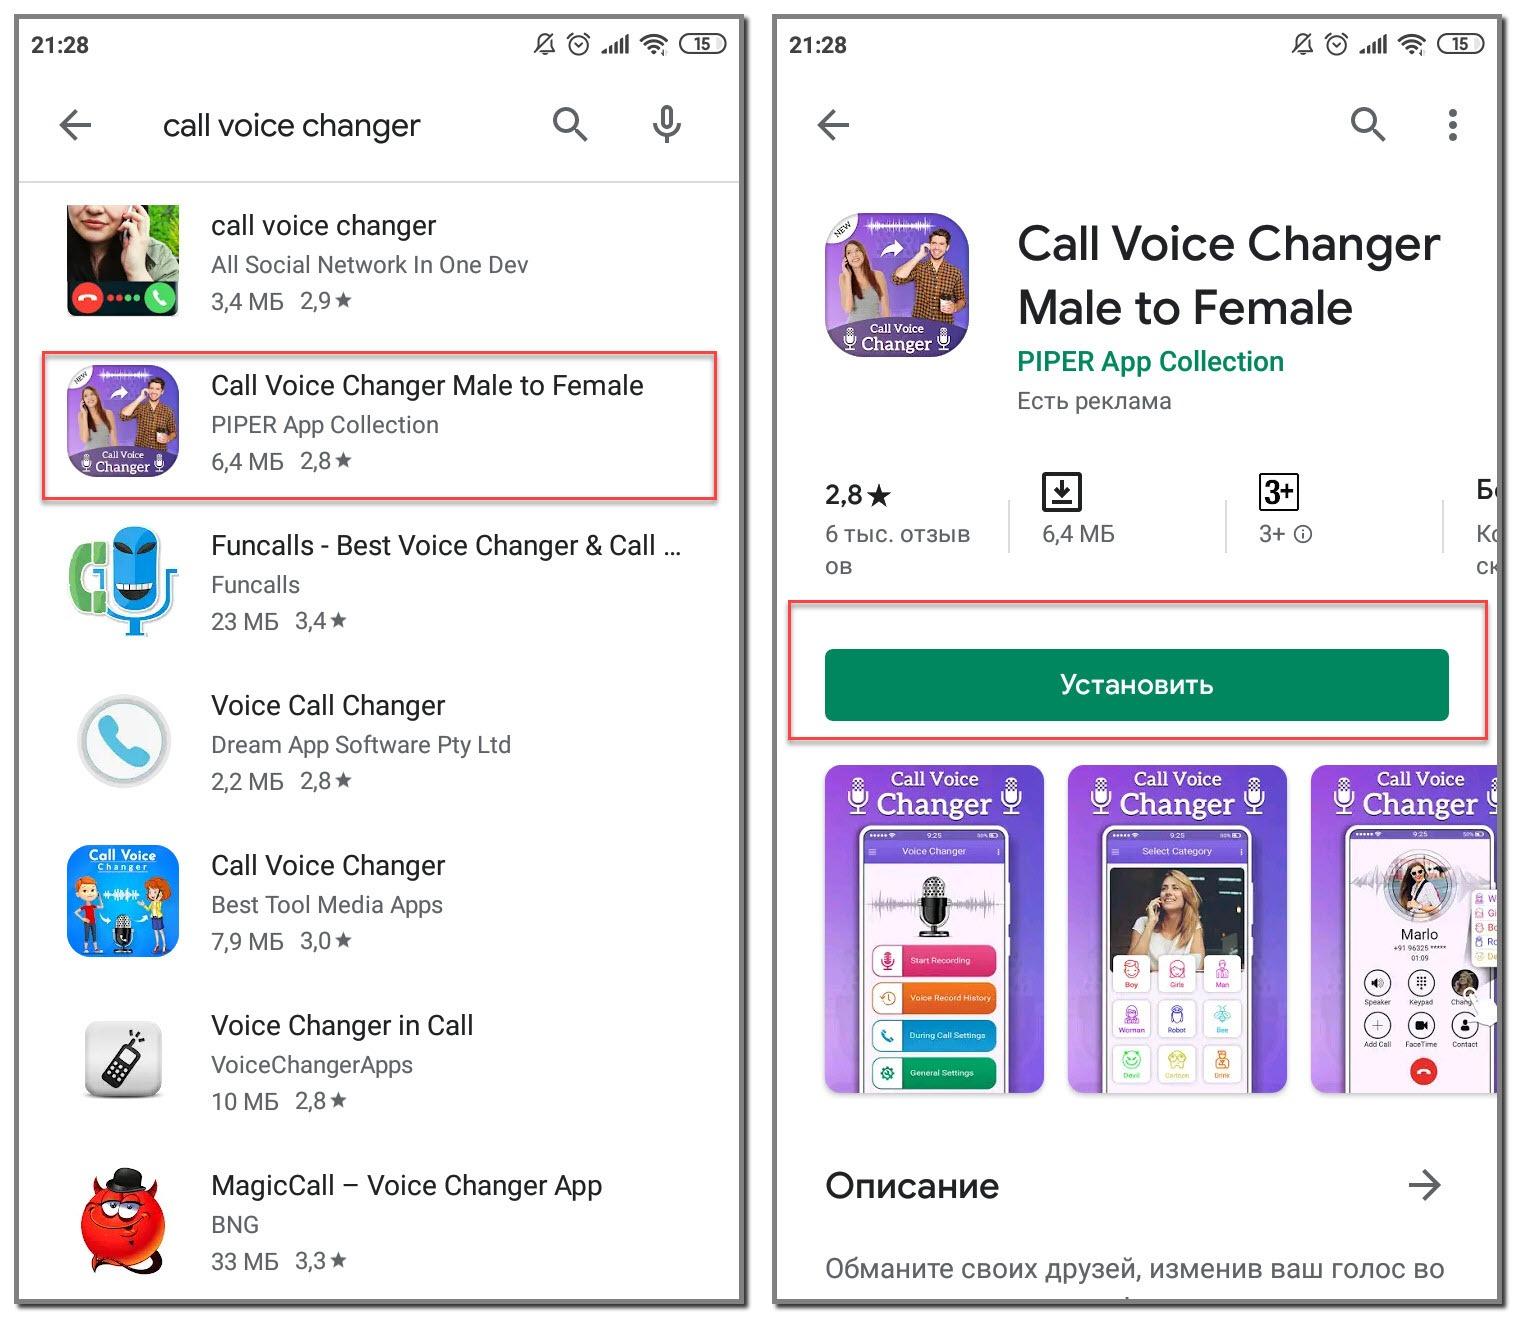 Поиск и загрузка Call Voice Changer в Play Маркет